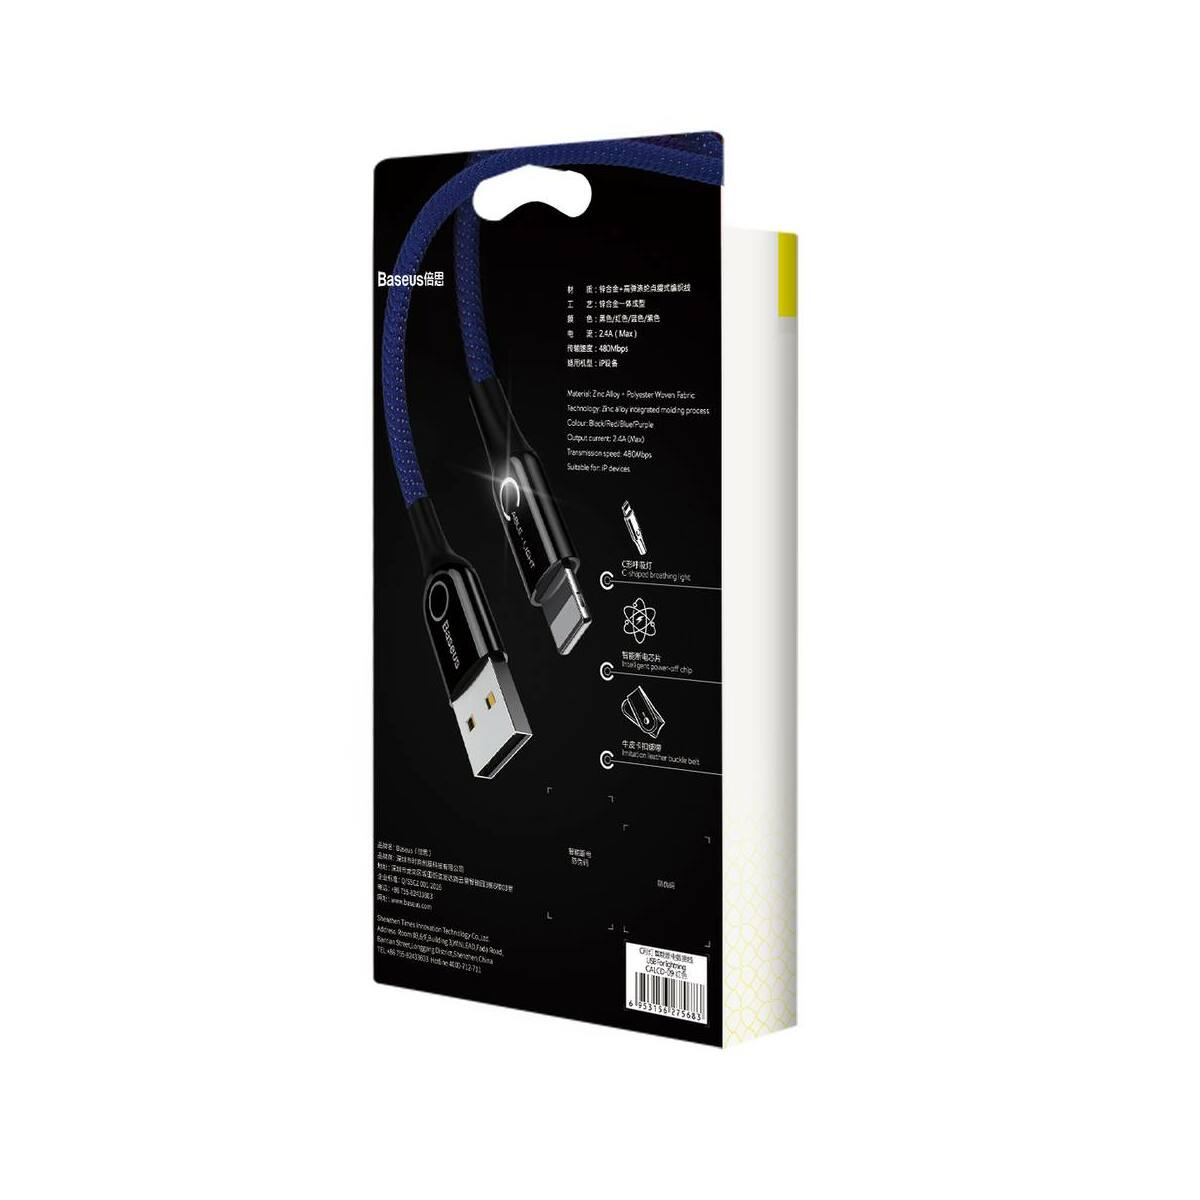 Baseus Lightning kábel, C-shaped intelligens töltés lekapcsolás, LED-visszajelzős adatkábel, kék 2.4A, 1m (CALCD-03)